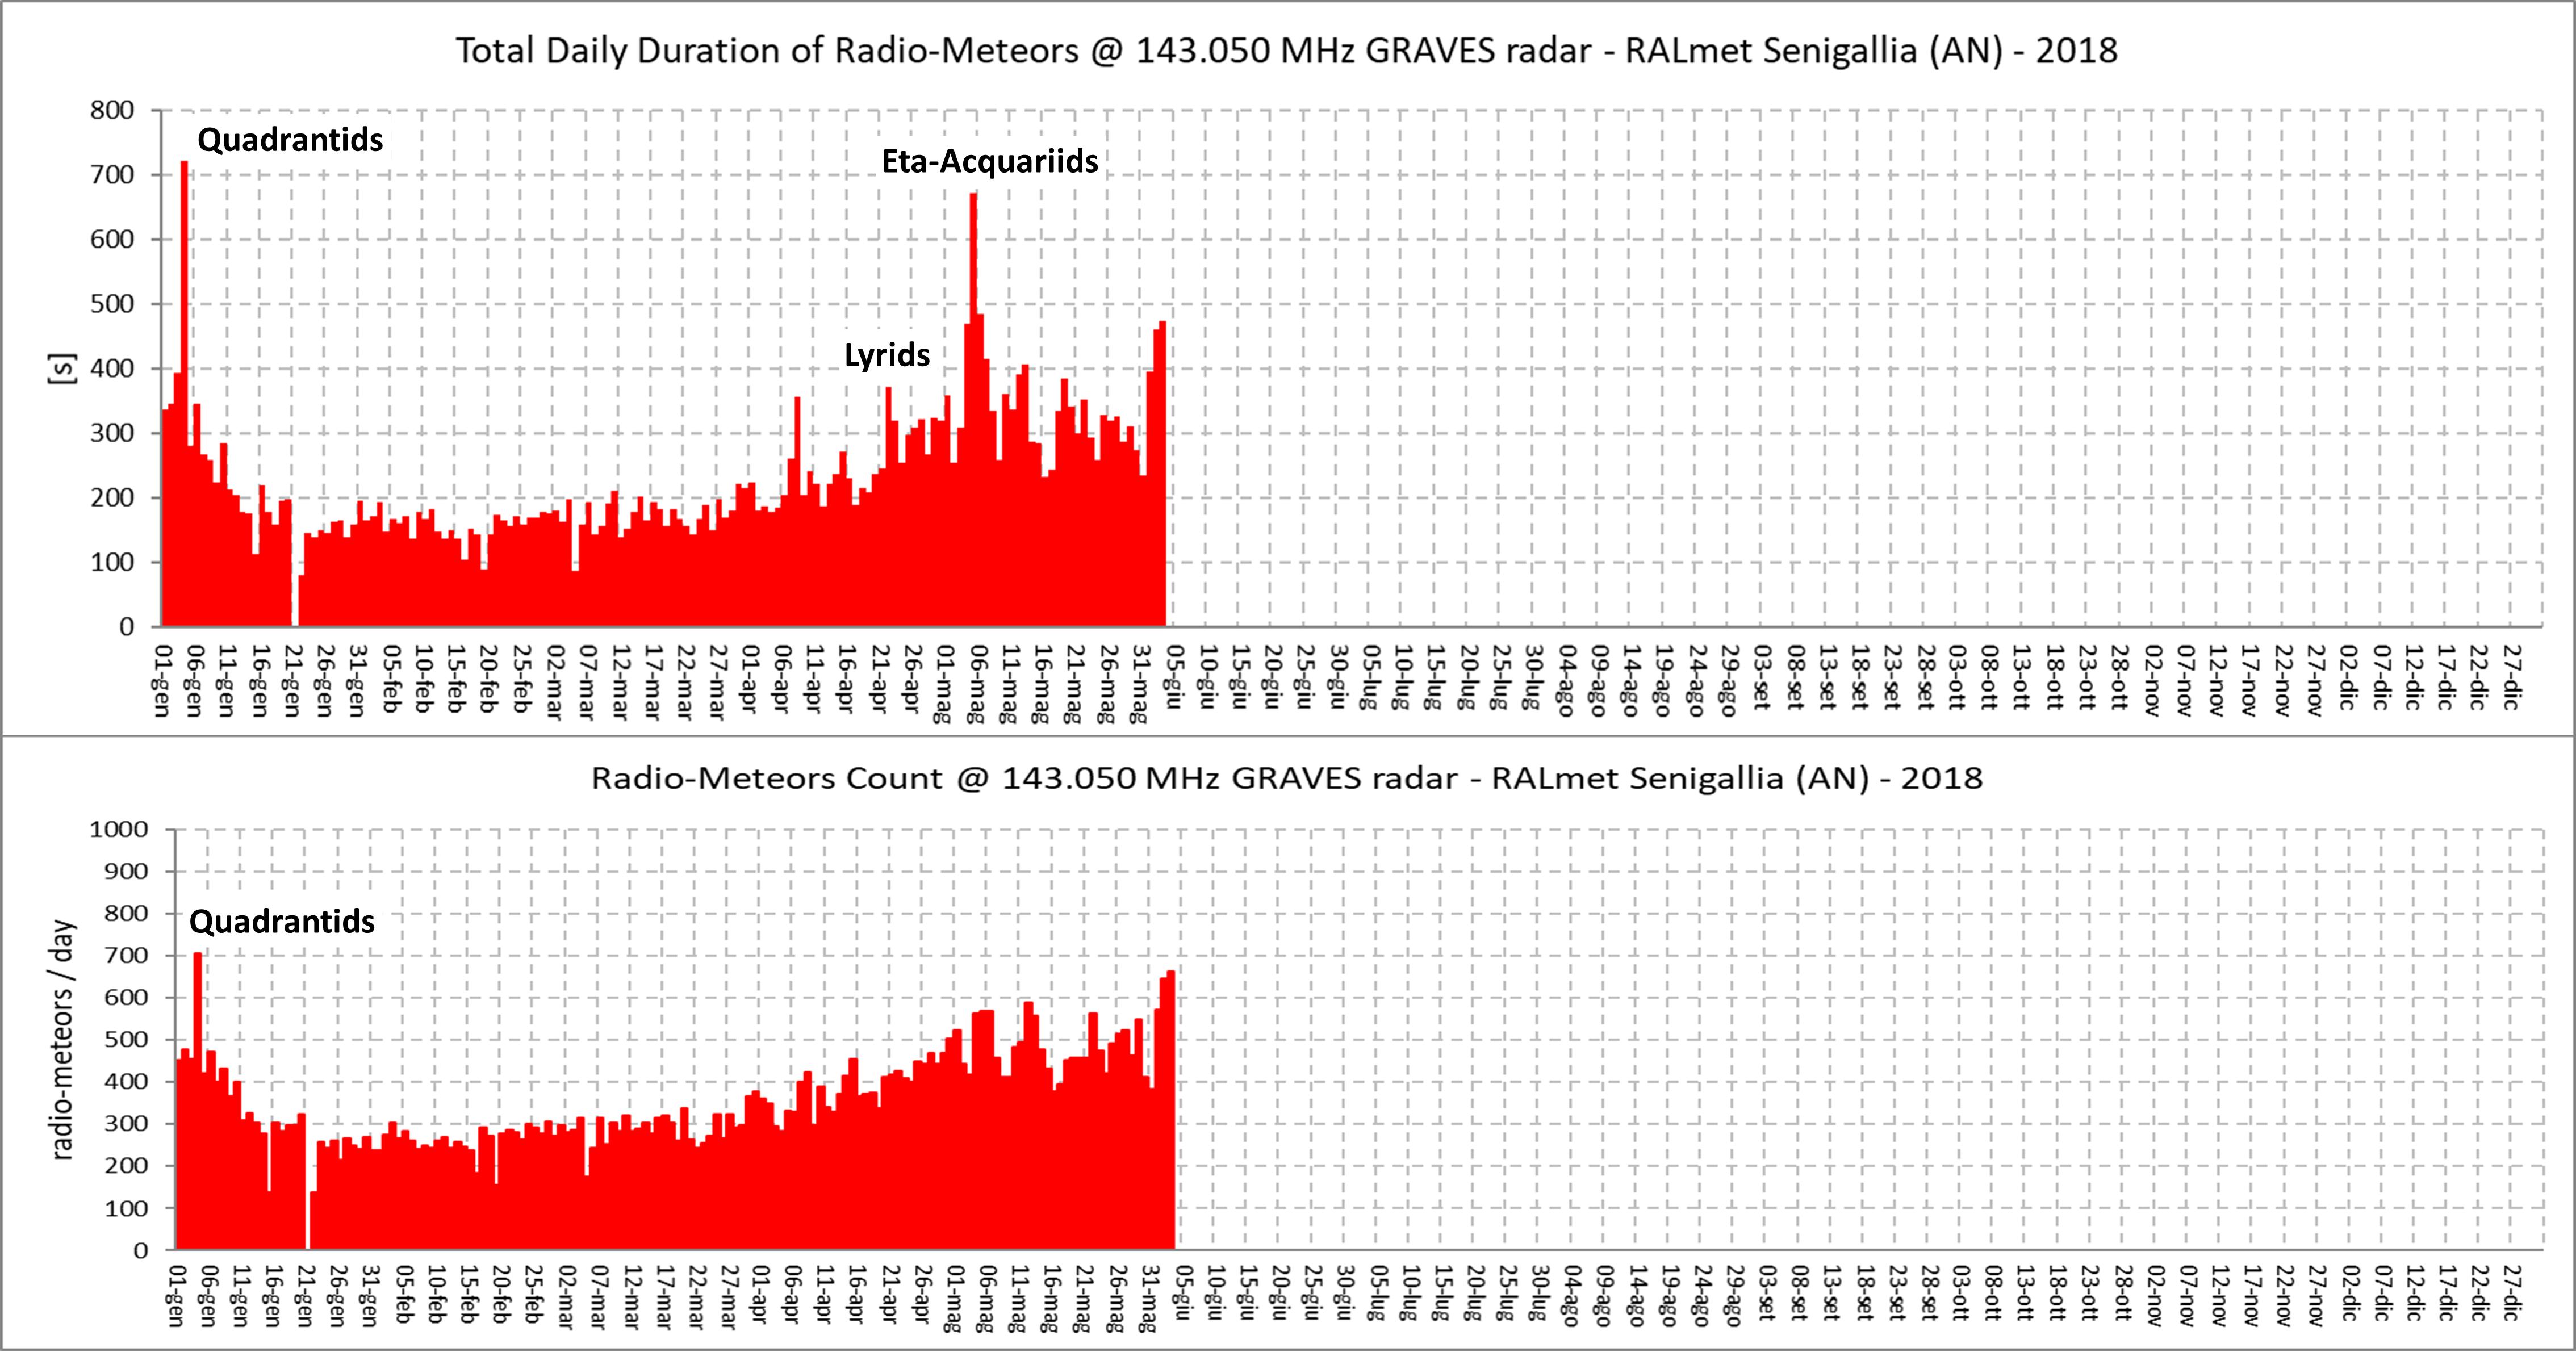 Attività meteorica registrata dalla stazione RALmet dall'inizio dell'anno. Sono confrontati i grafici che riportano la durata giornaliera espressa in secondi (in alto) e il conteggio giornaliero dei radio-echi meteorici (in basso). La durata dei segnali radio riflessi, proporzionale alla massa dei meteoroidi che ogni giorno entra in atmosfera, descrive l'occorrenza dei vari sciami più accuratamente del semplice conteggio degli eventi.